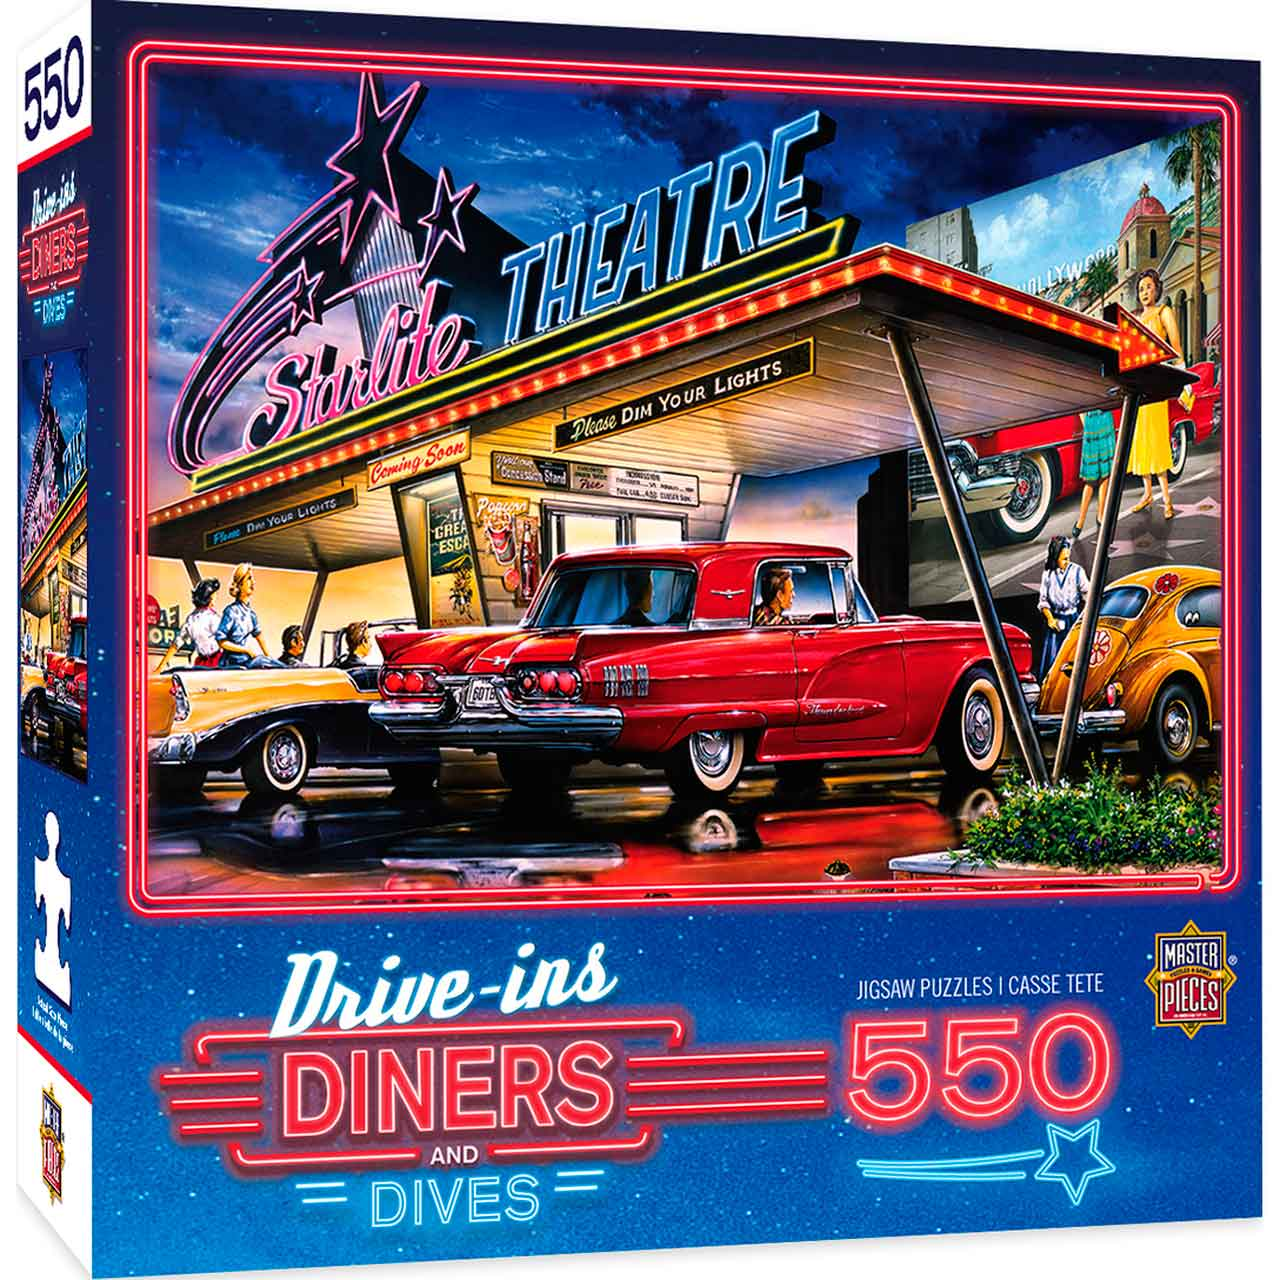 Puzzle MasterPieces El Autorrestaurante Starlite de 550 Piezas